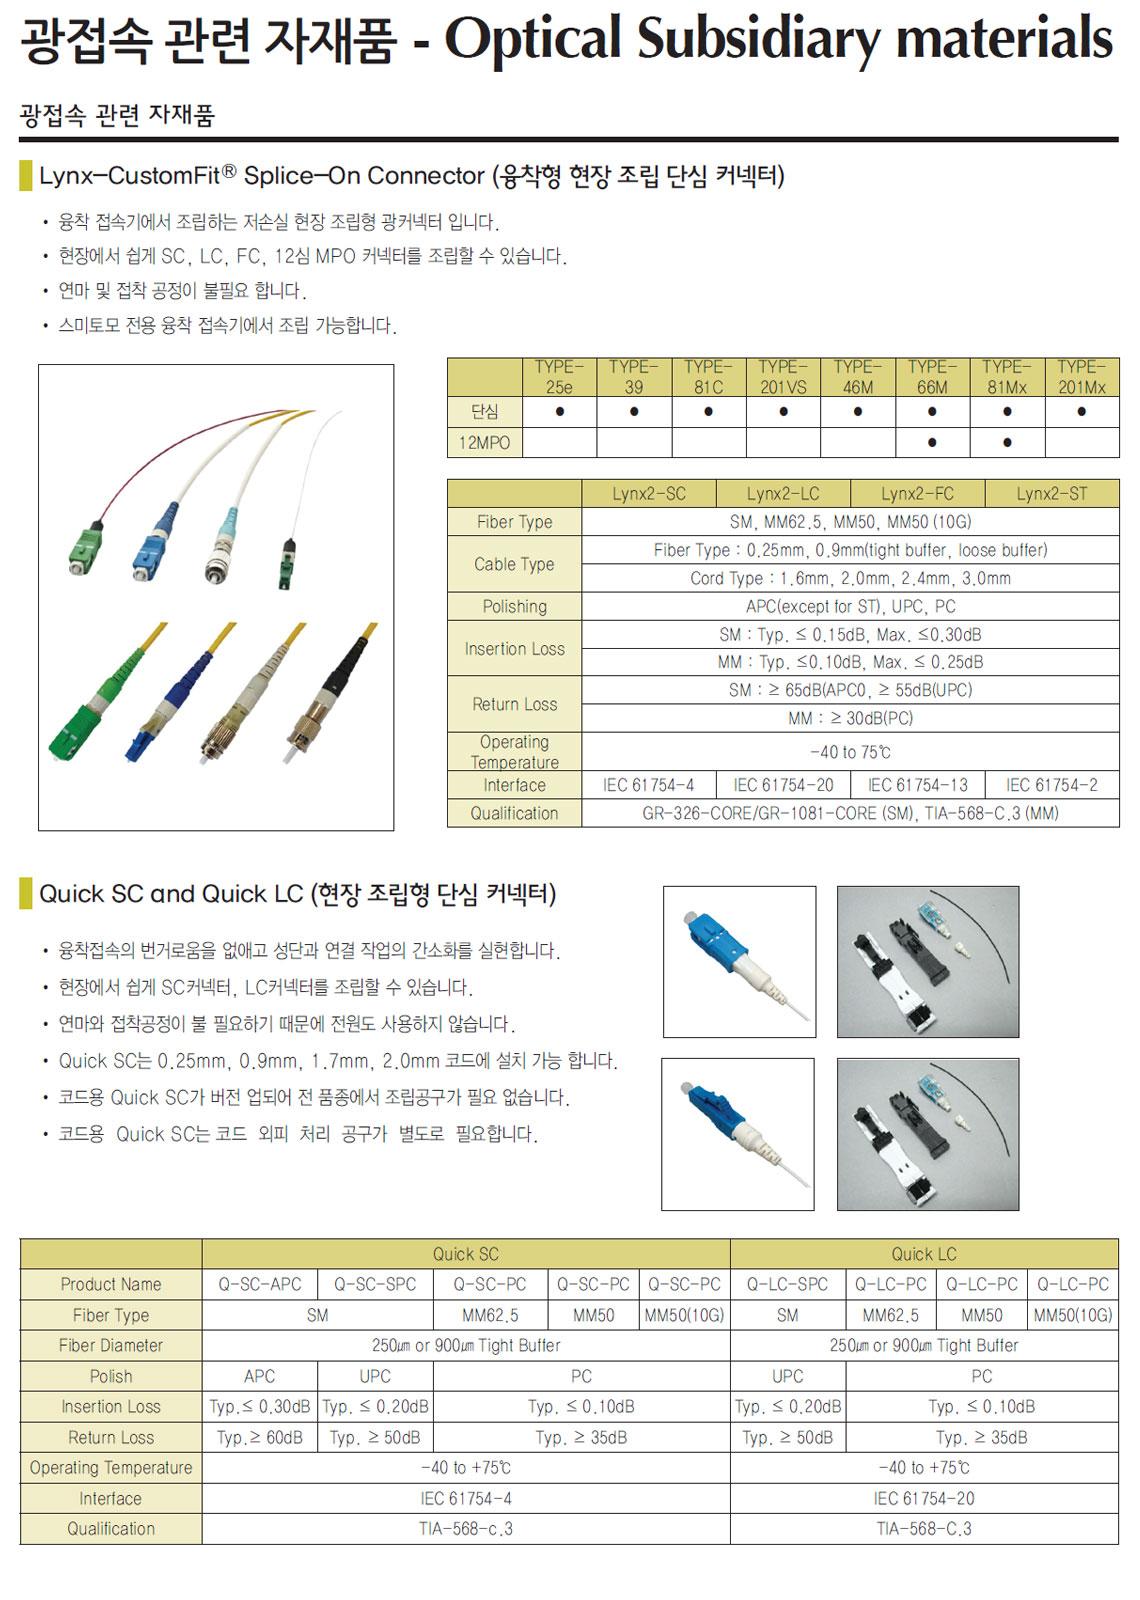 Lynx-CustomFit® Splice-On Connector